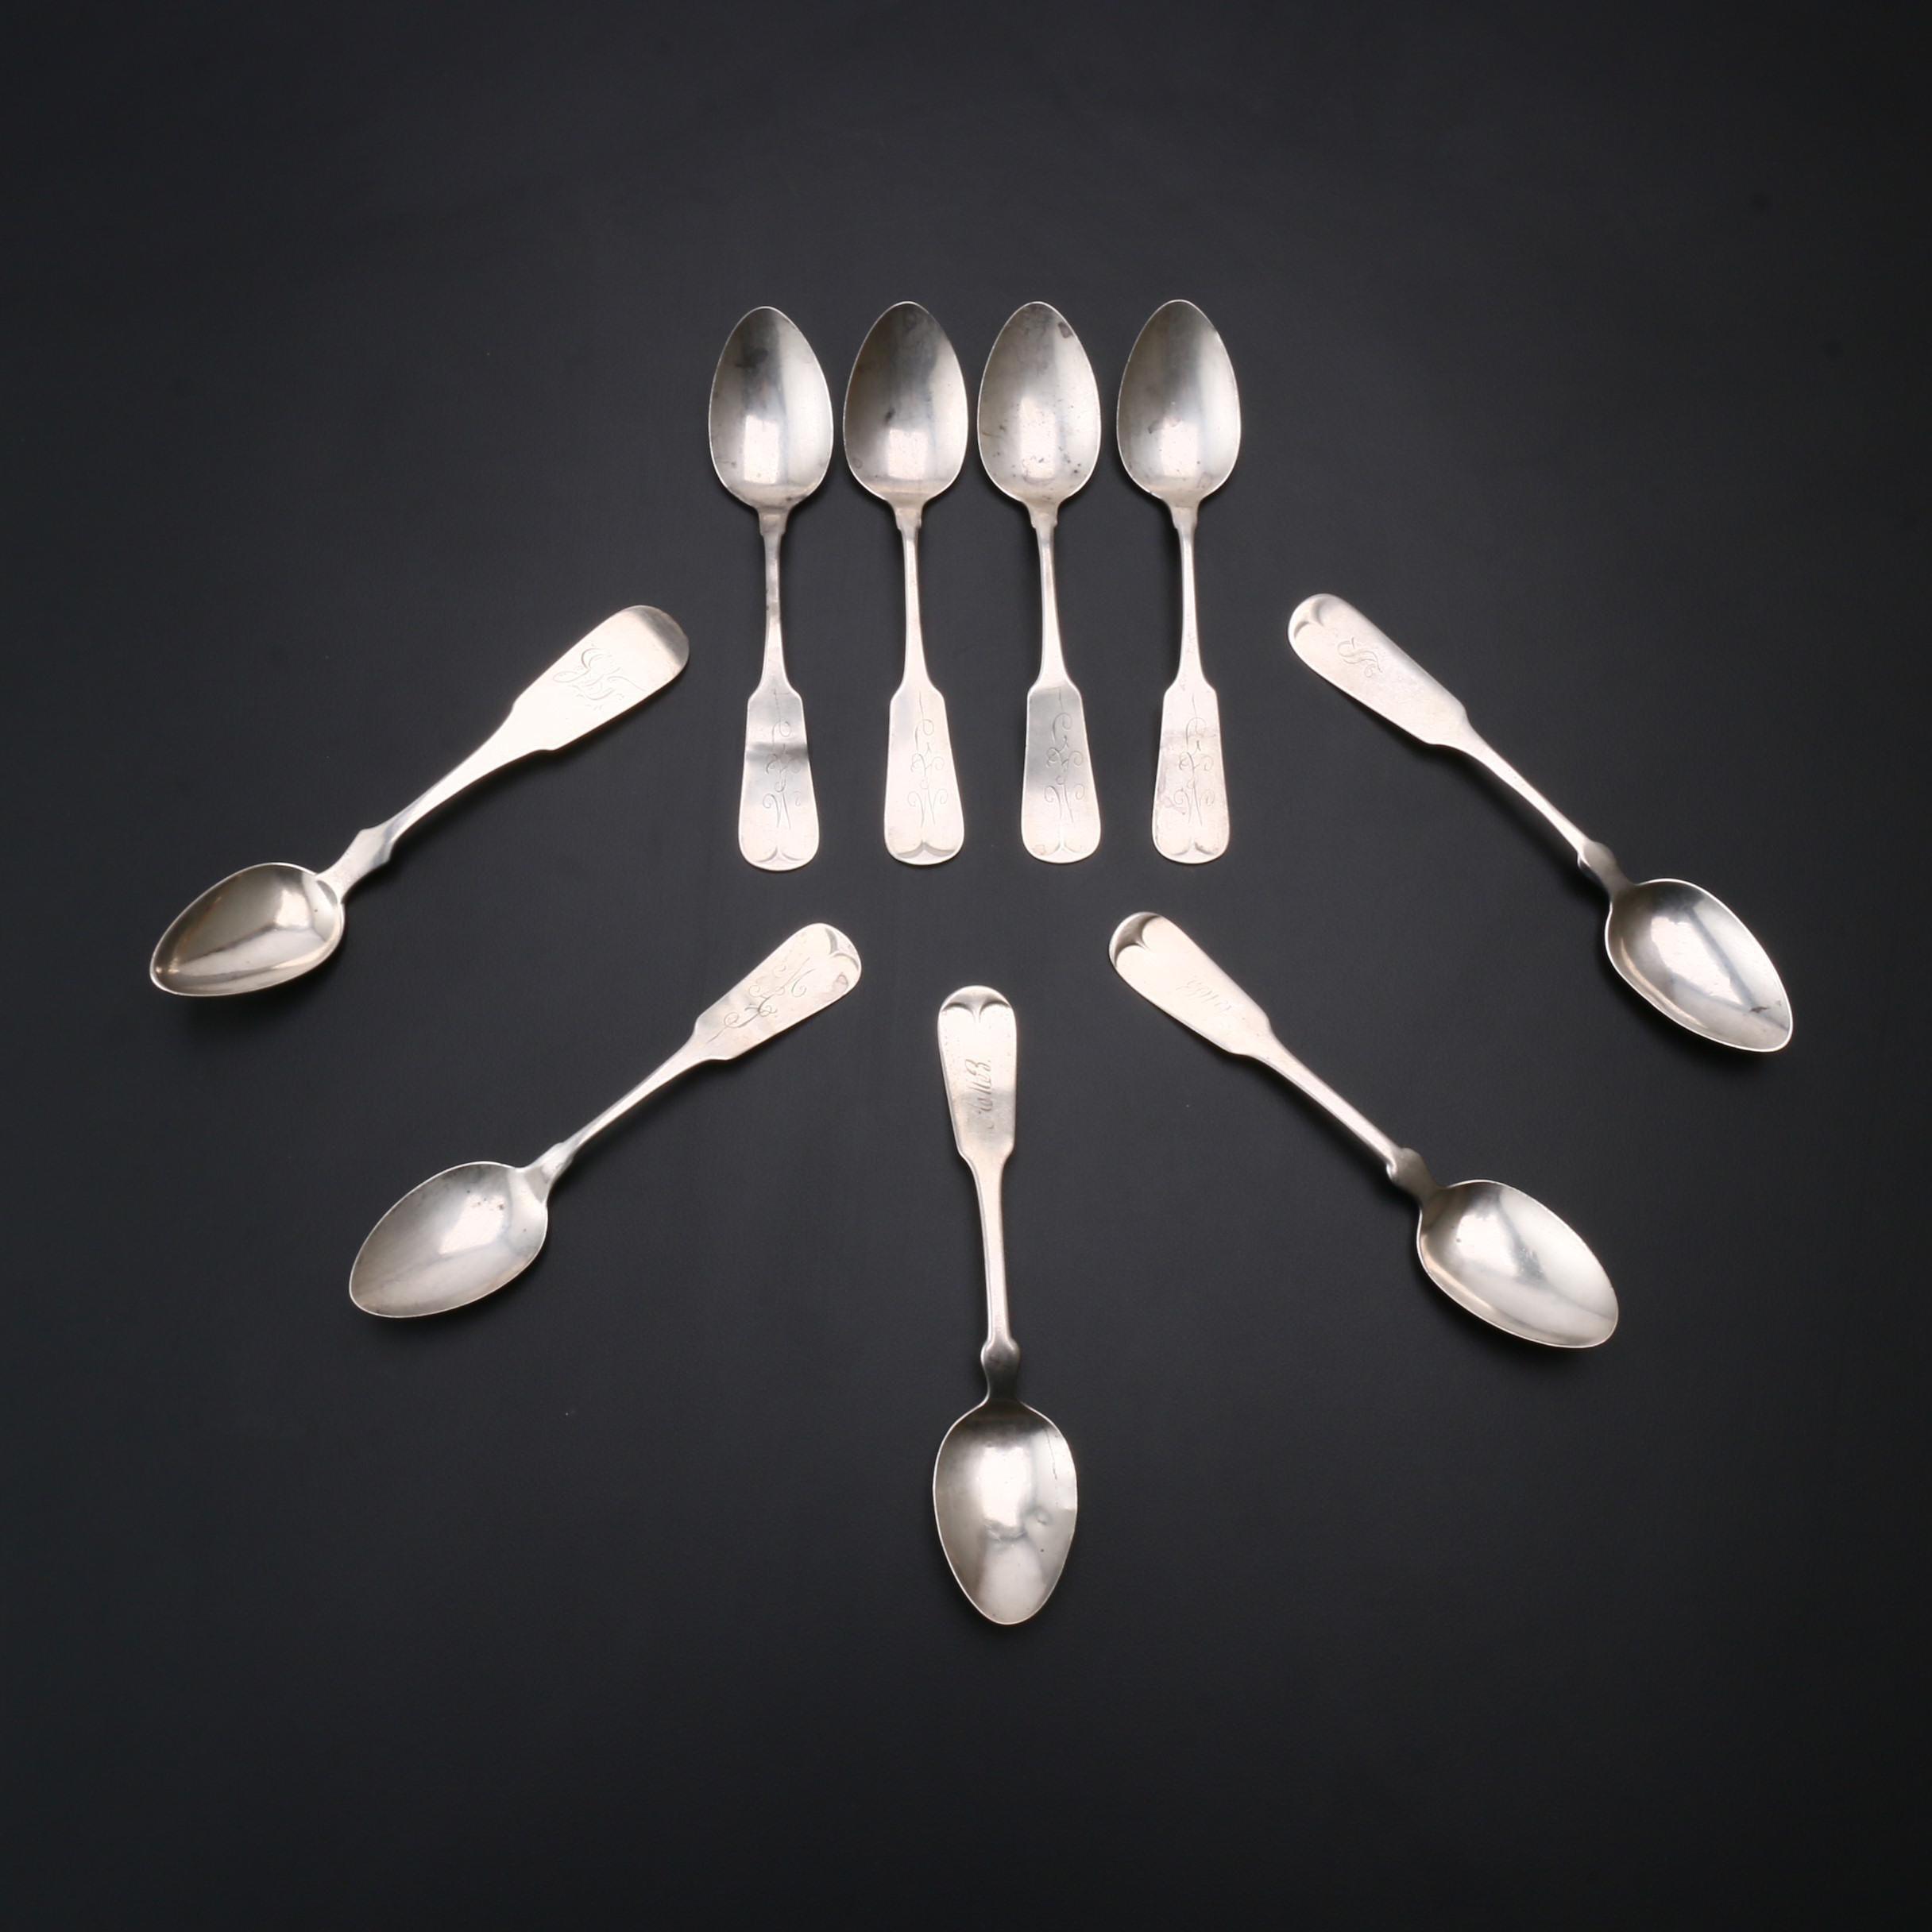 Sterling Silver Teaspoons